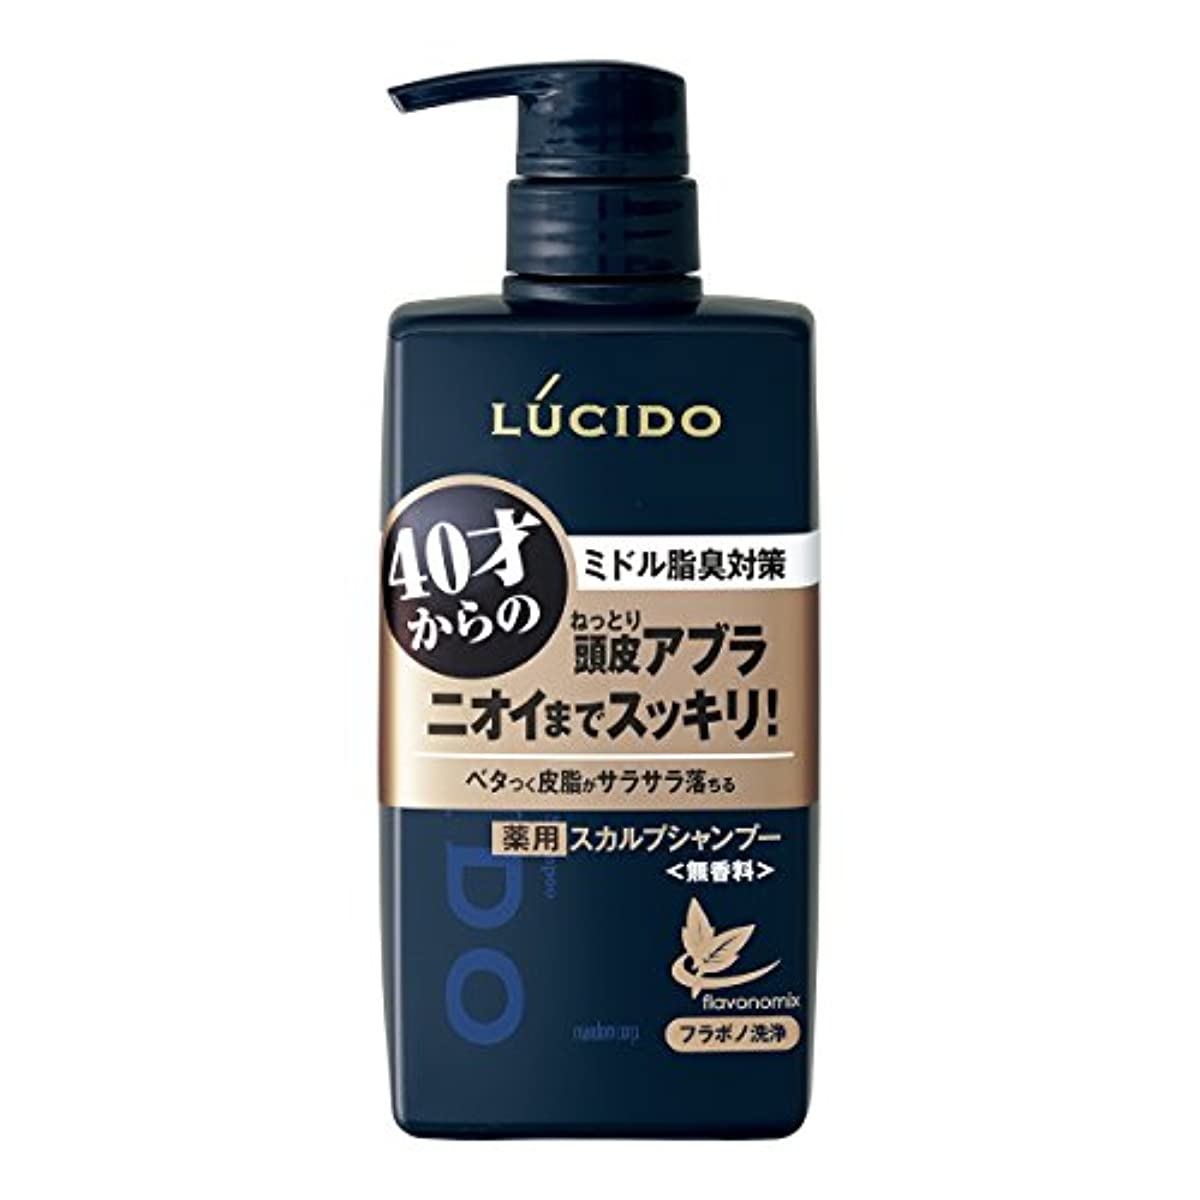 牧師不条理第ルシード 薬用スカルプデオシャンプー 450mL (医薬部外品)